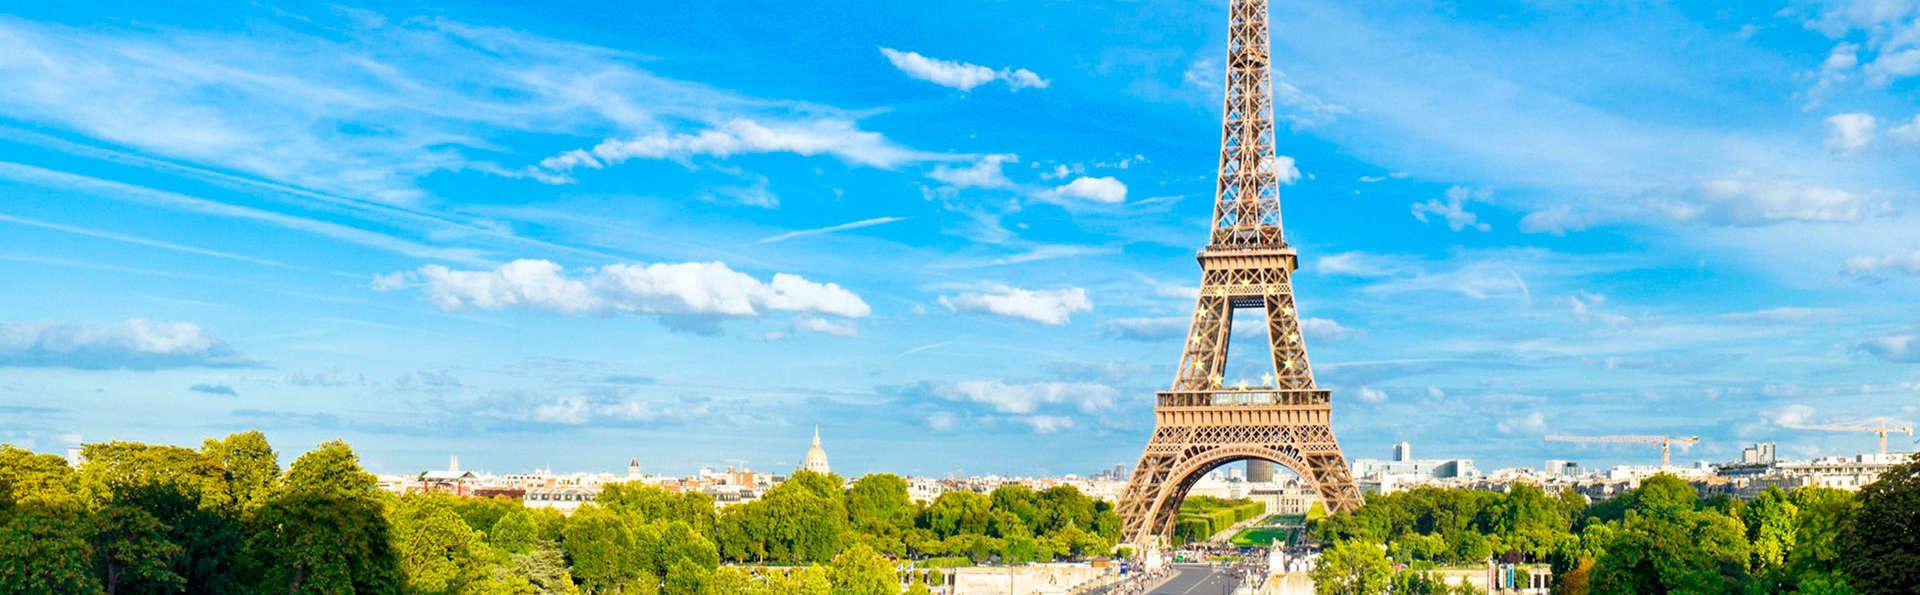 Hôtel Renaissance Paris Hippodrome - EDIT_destination1.jpg